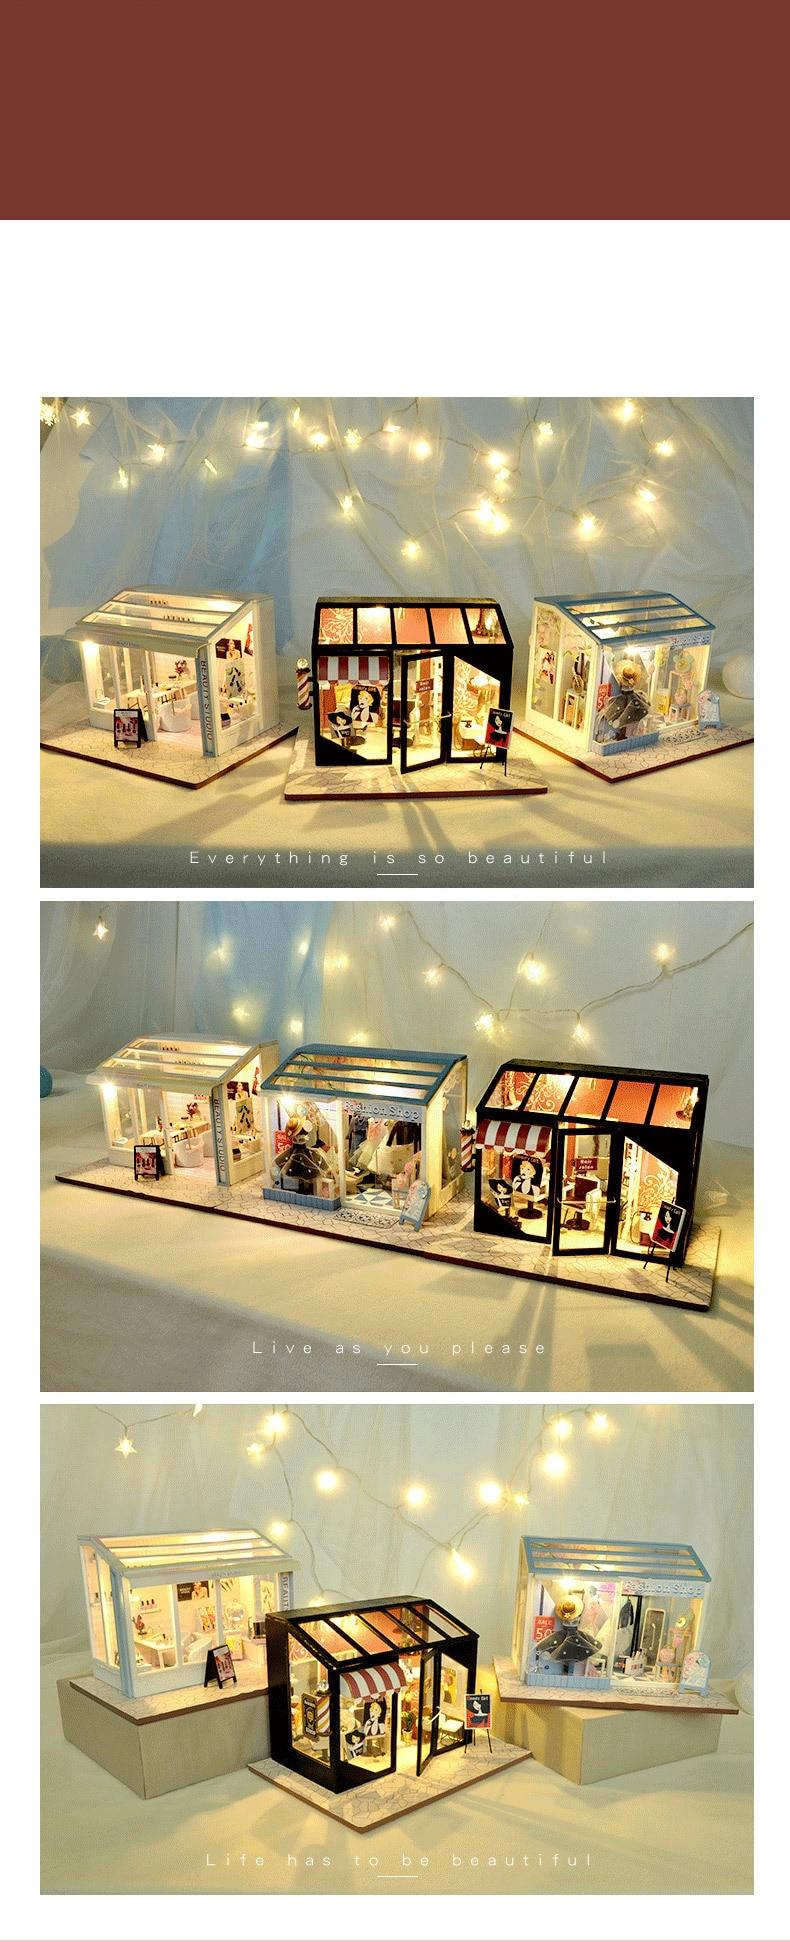 H9a284a20f6bf4114bce6cdd0f601ab10I - Robotime - DIY Models, DIY Miniature Houses, 3d Wooden Puzzle